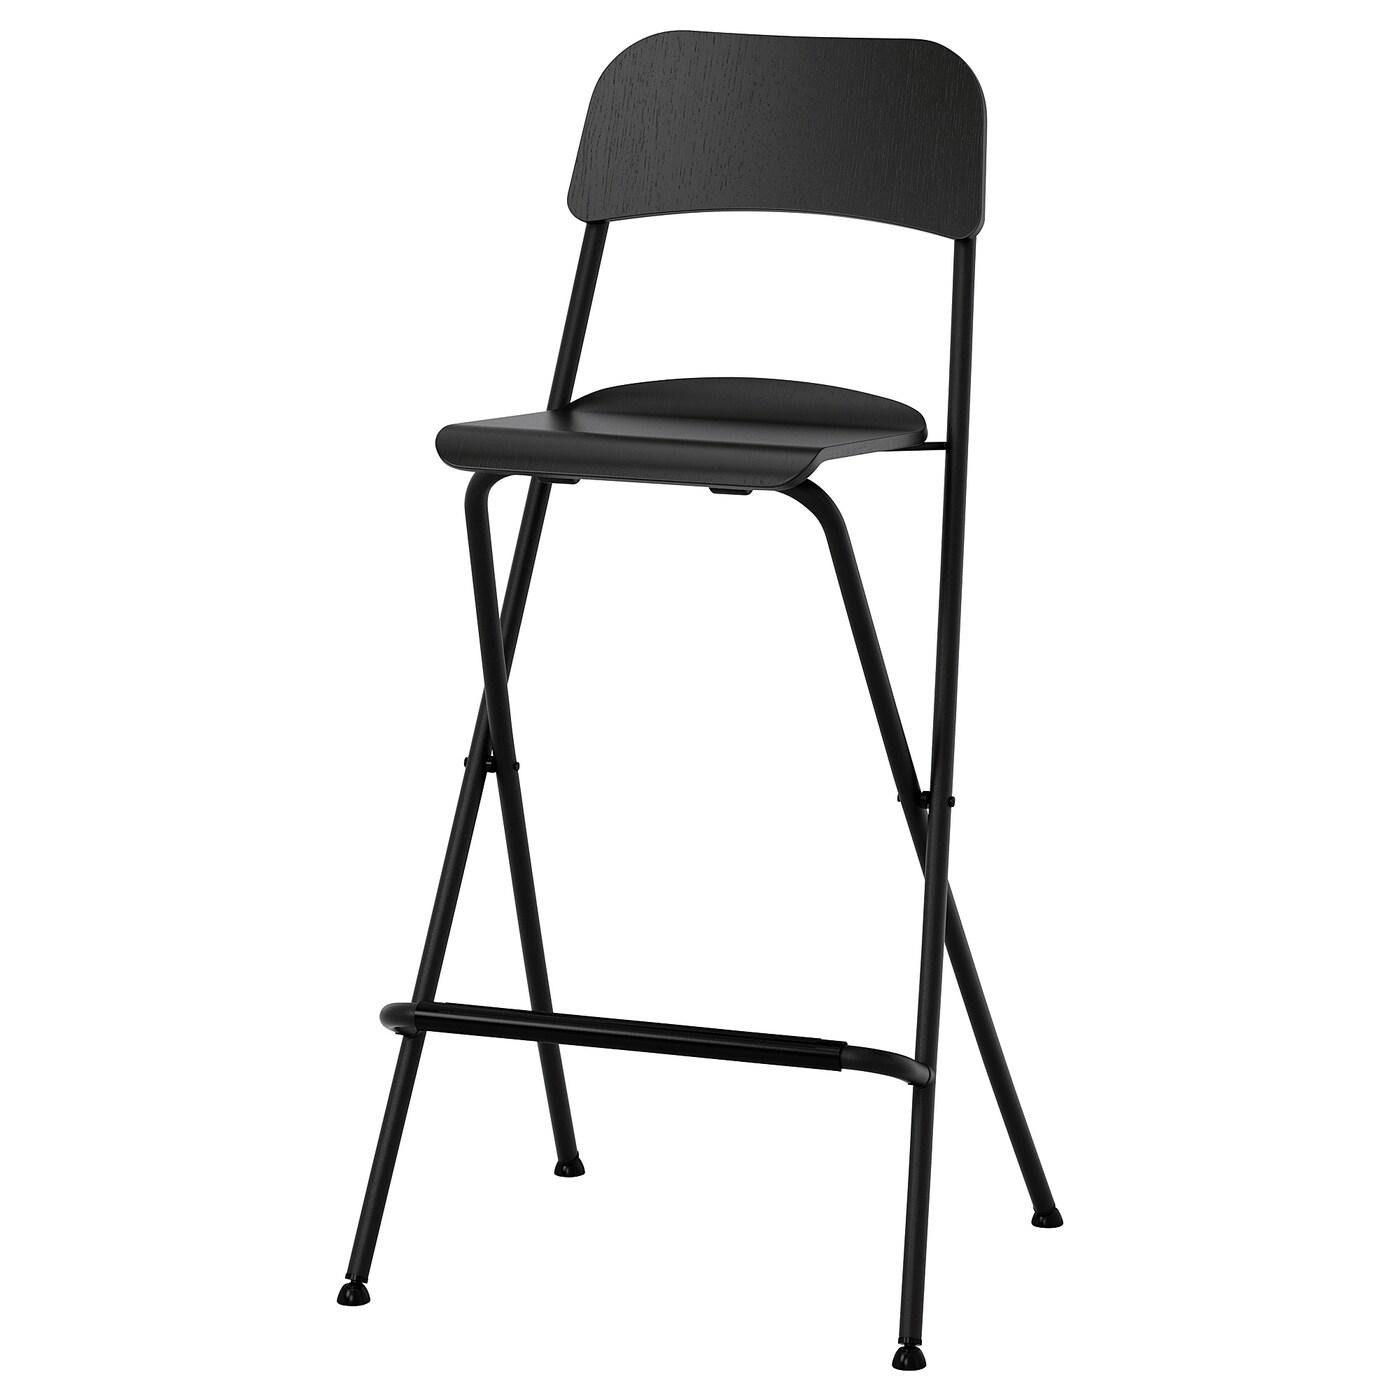 FRANKLIN Bar stool with backrest, foldable - black/black 8 cm